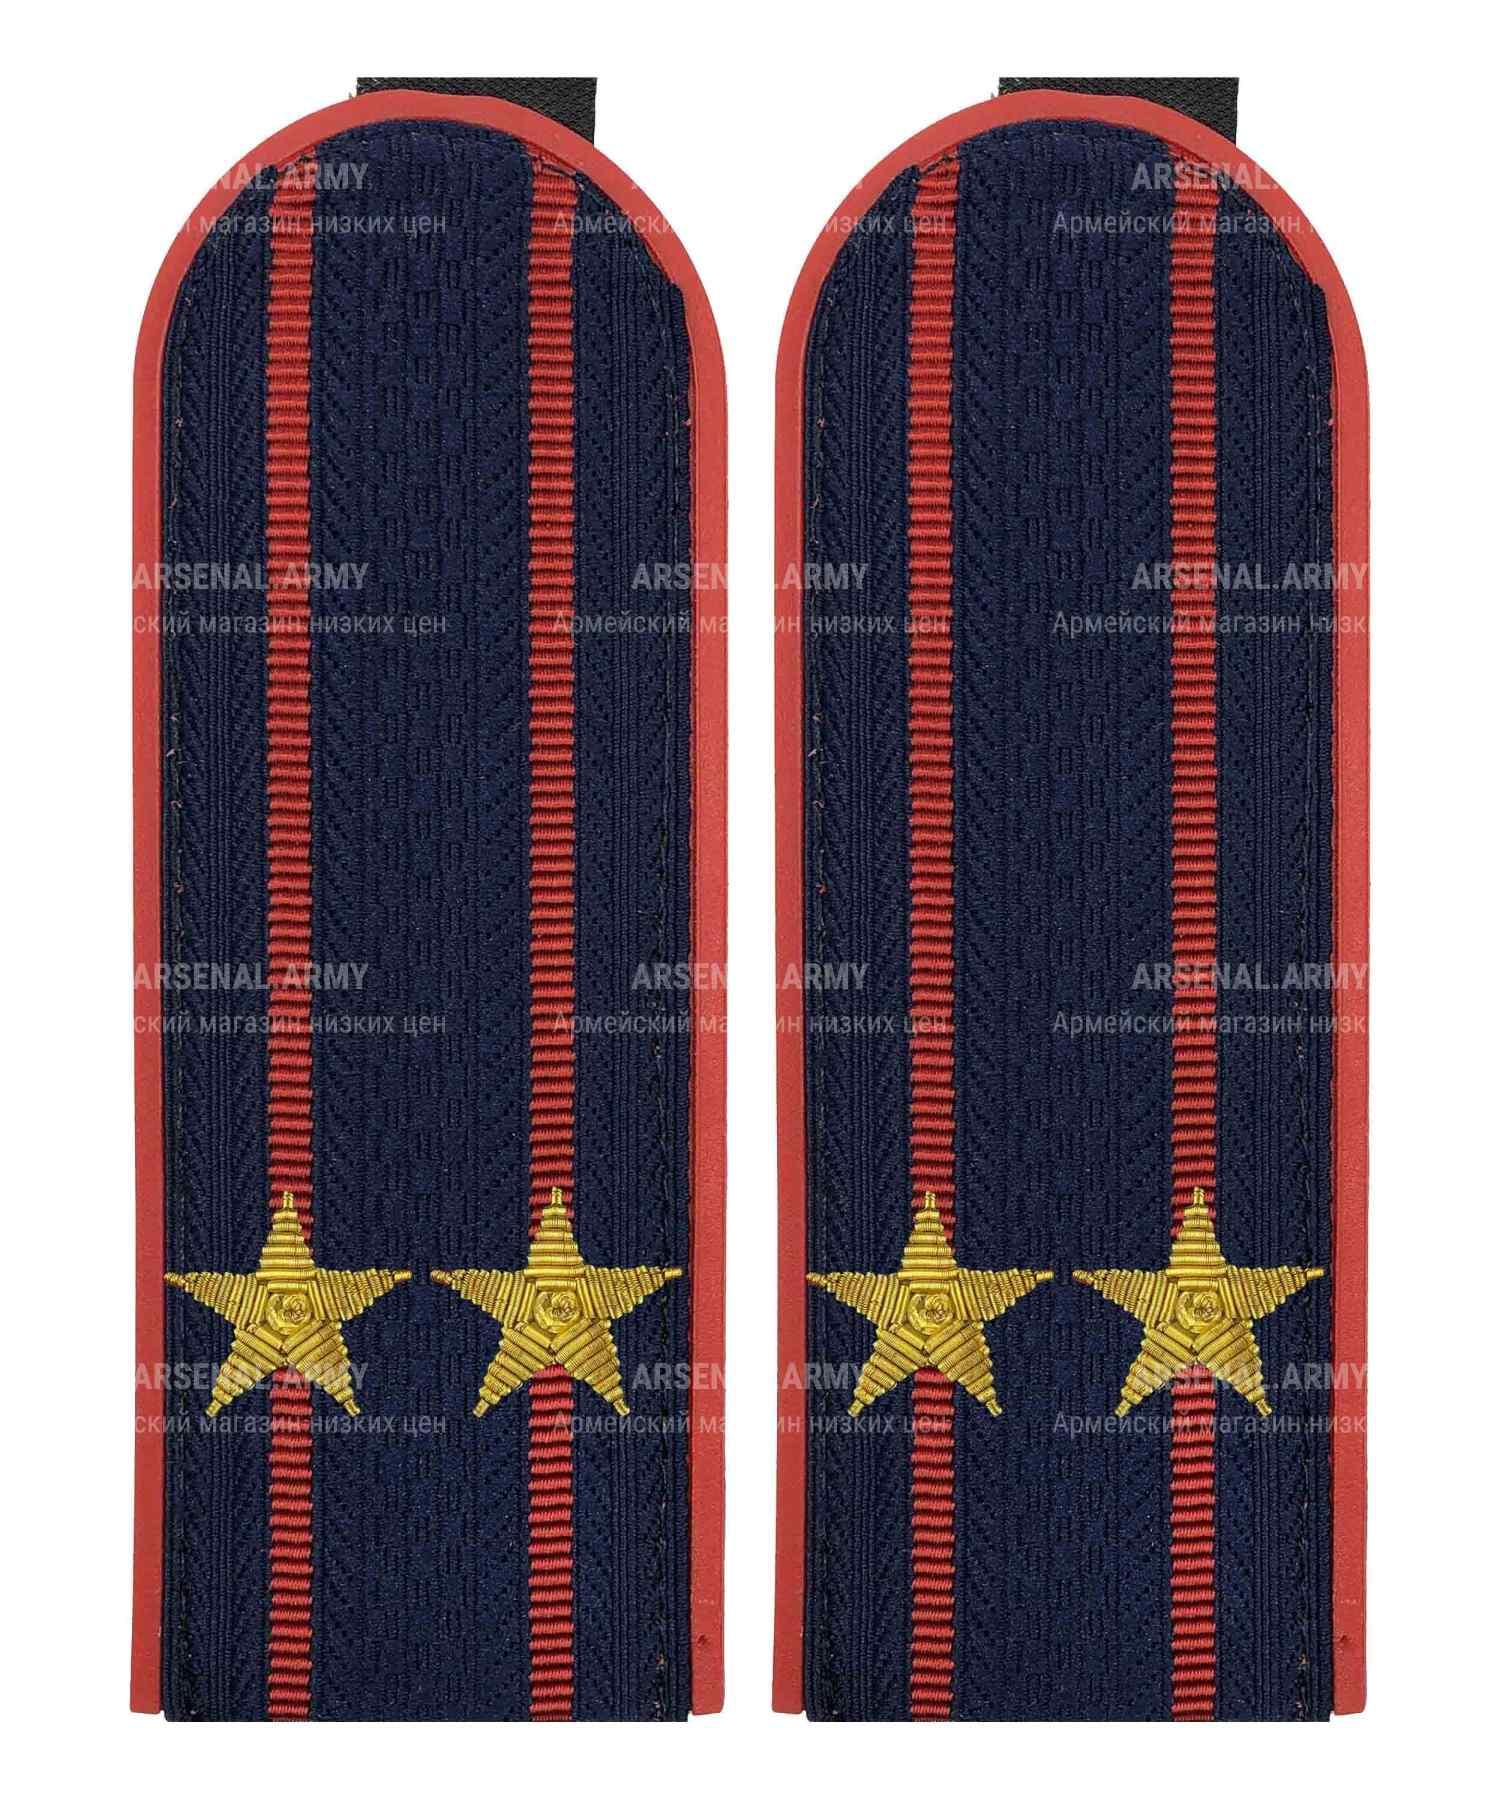 Погоны полиции китель подполковник золото